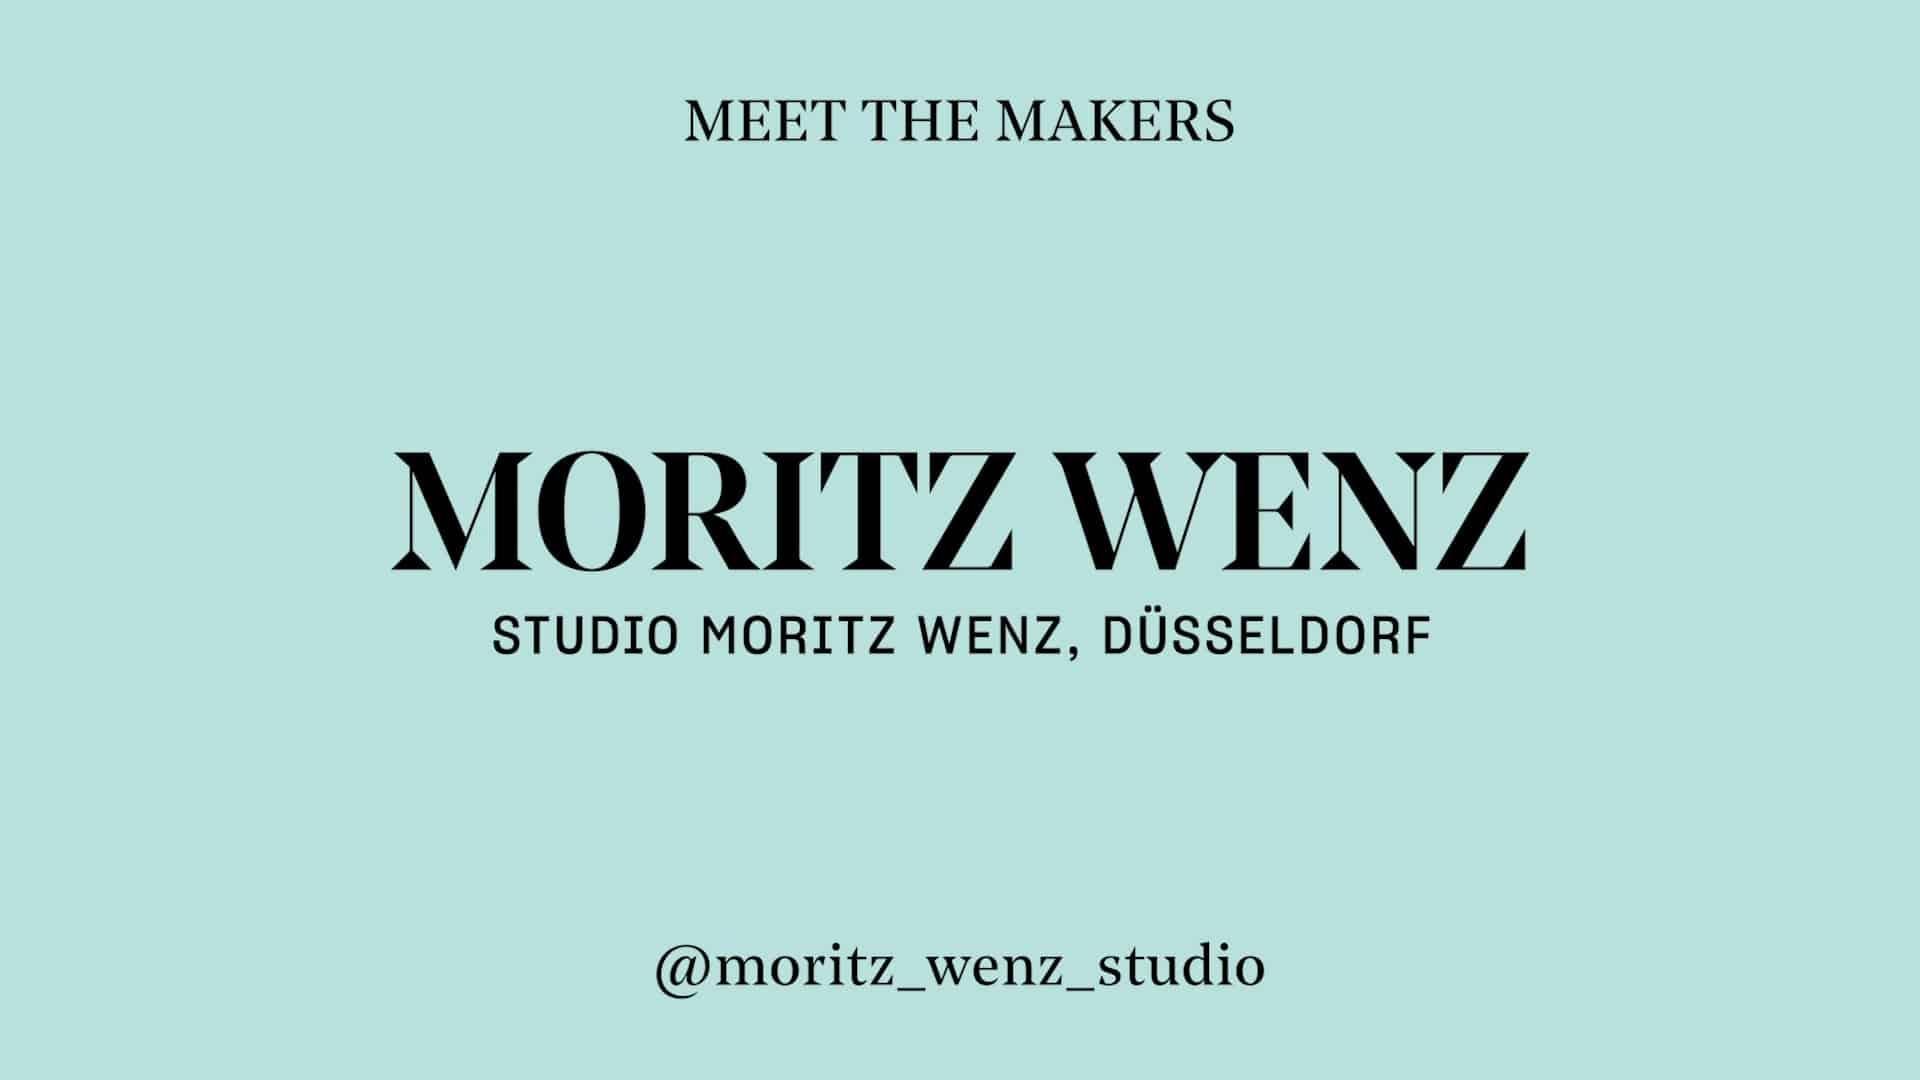 Moritz Wenz